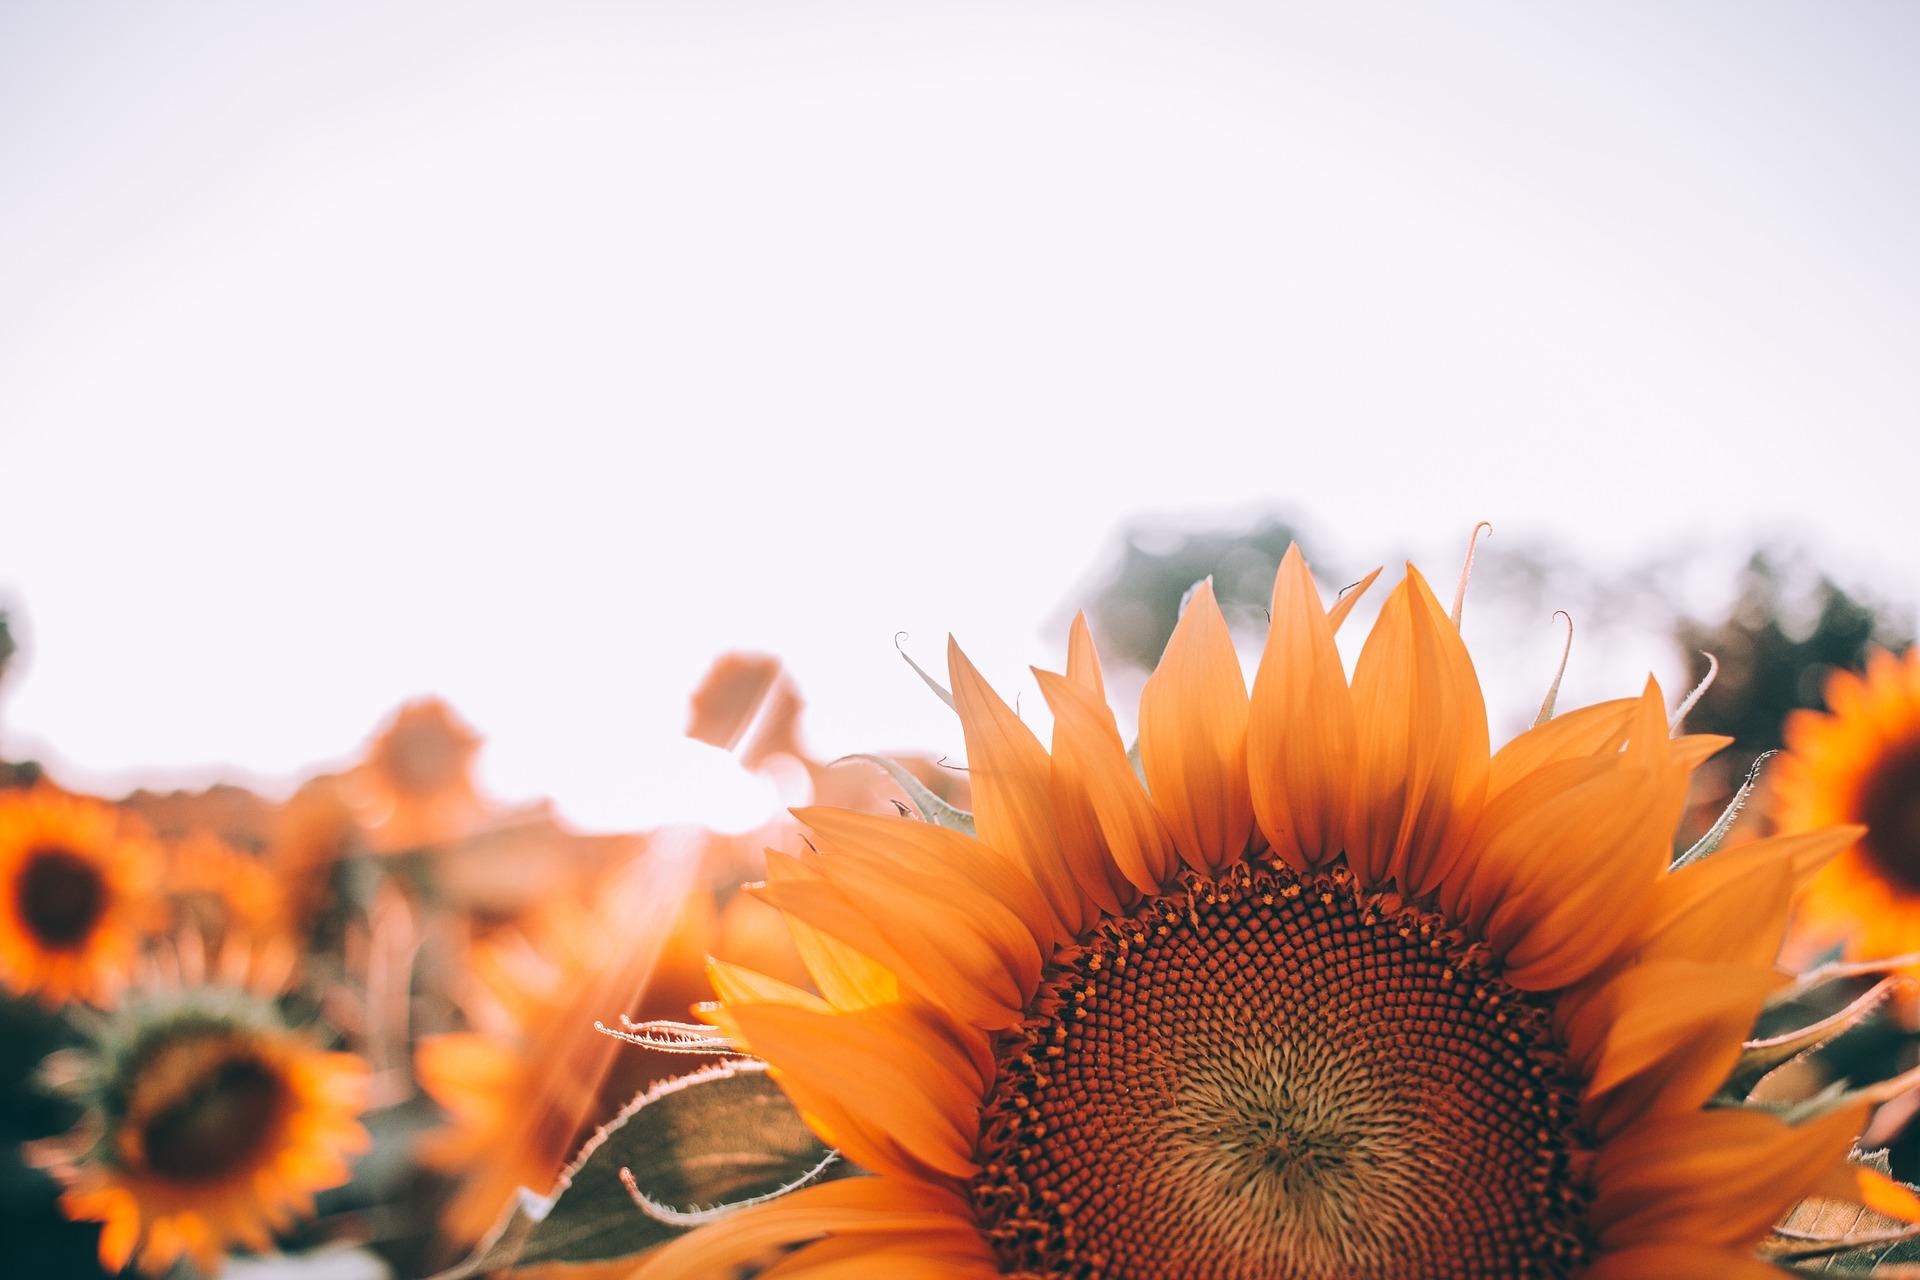 bloom-1866760_1920.jpg